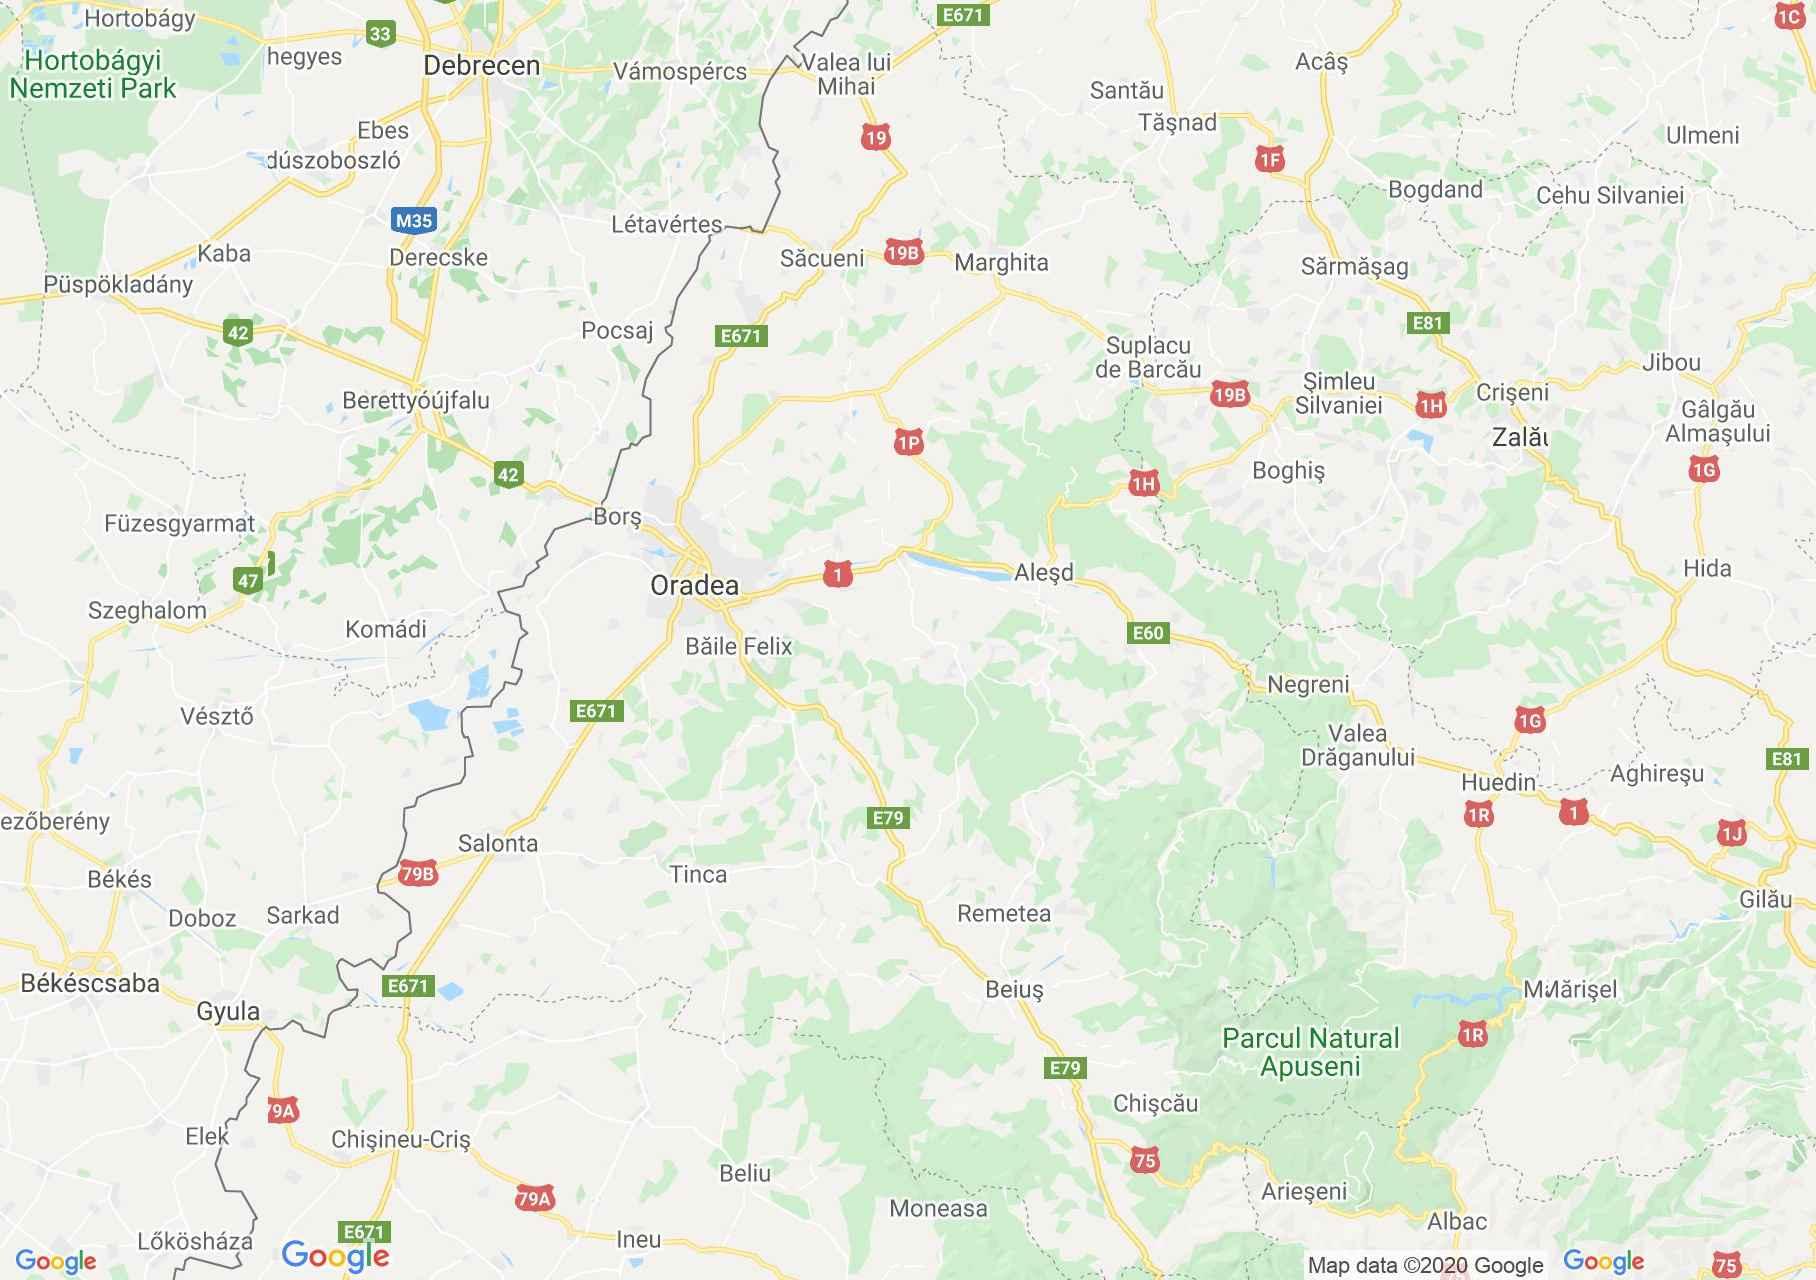 Judeţul Bihor: (Oradea), Harta turistică interactivă